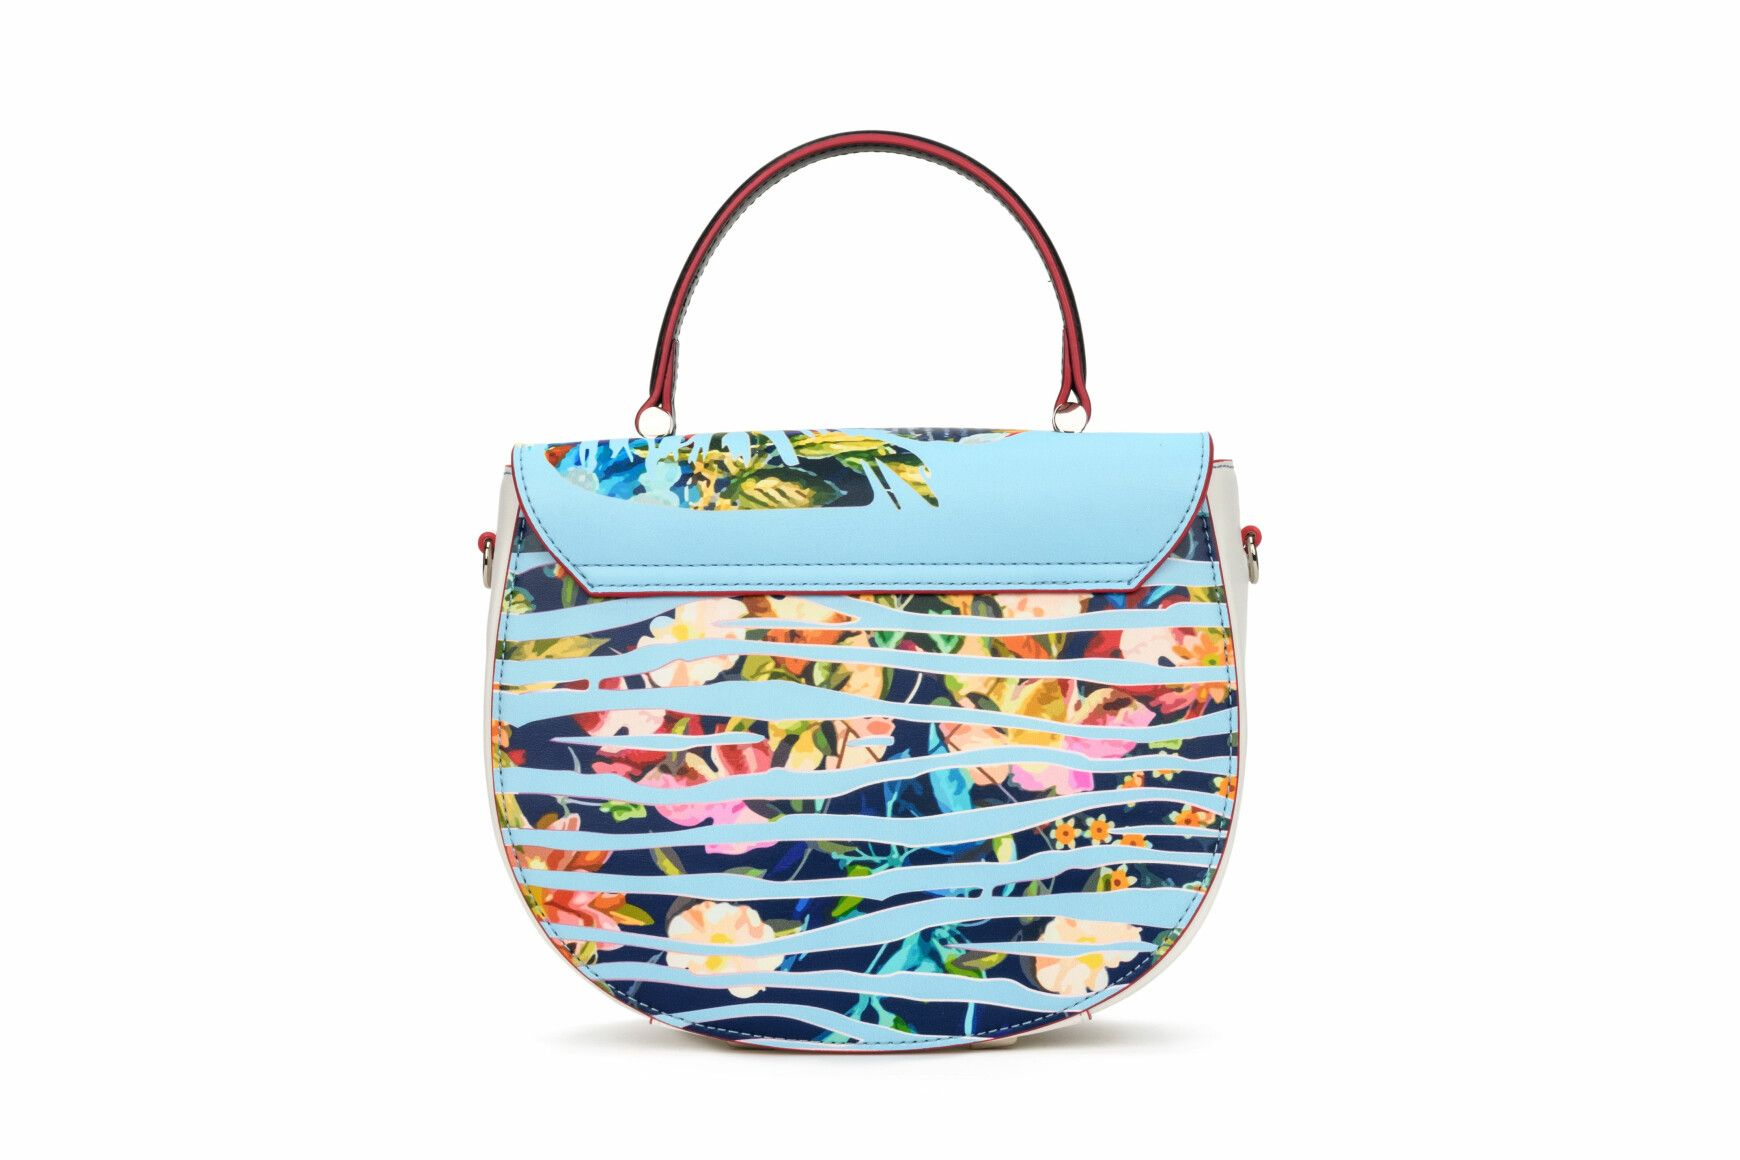 c2b8e48ba7f5 Купить сумку из из гладкой телячьей кожи It Giambya Cromia Украина - Estro